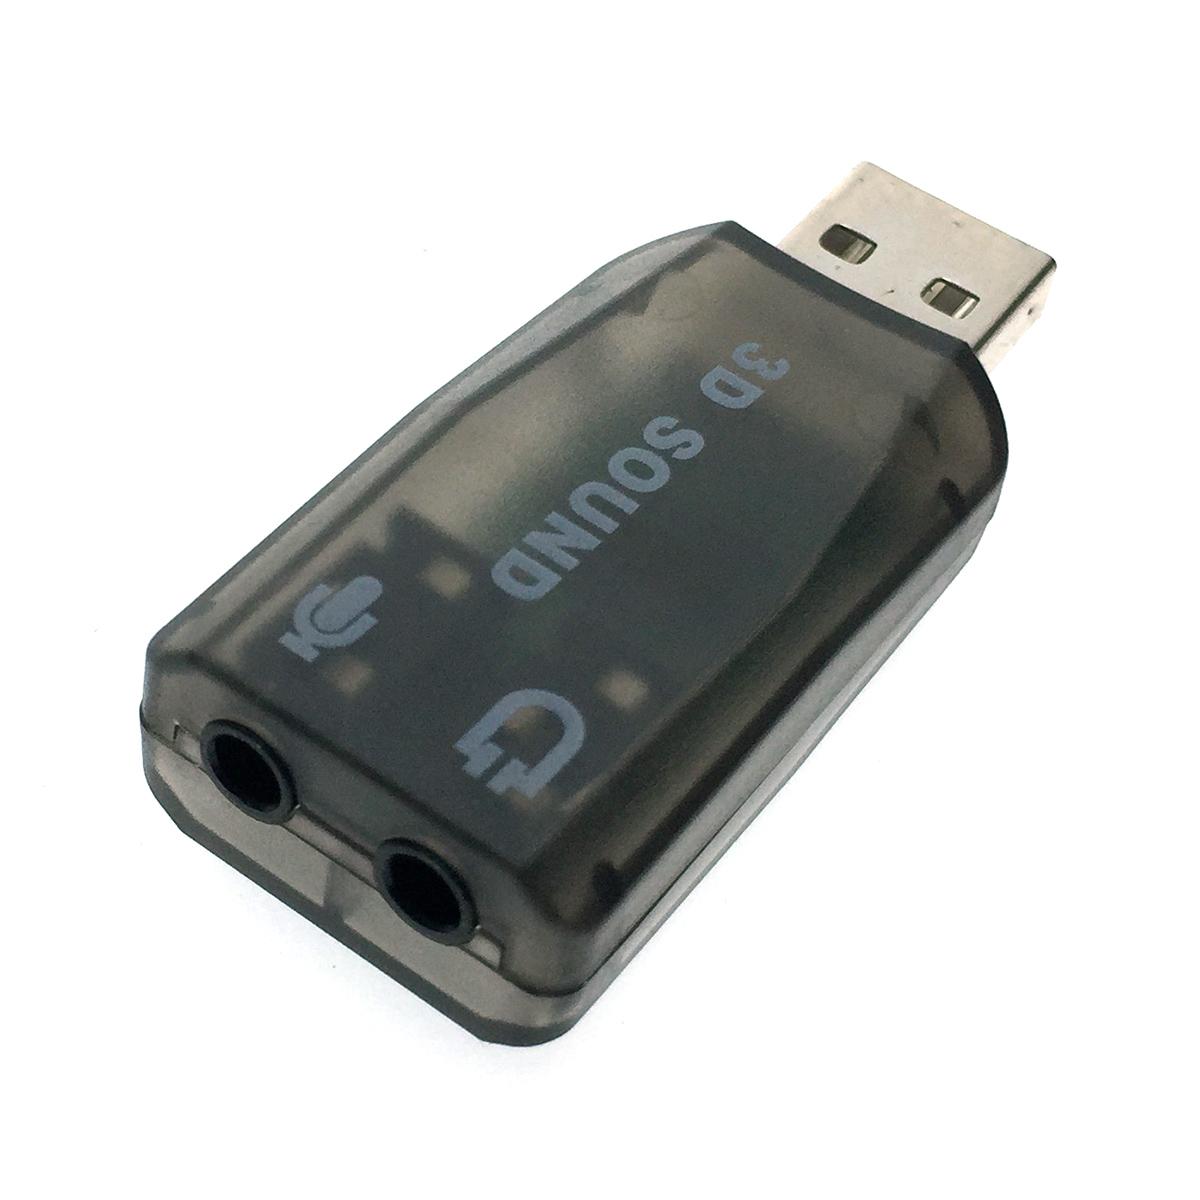 Внешняя звуковая карта USB, модель PAAU001, Espada